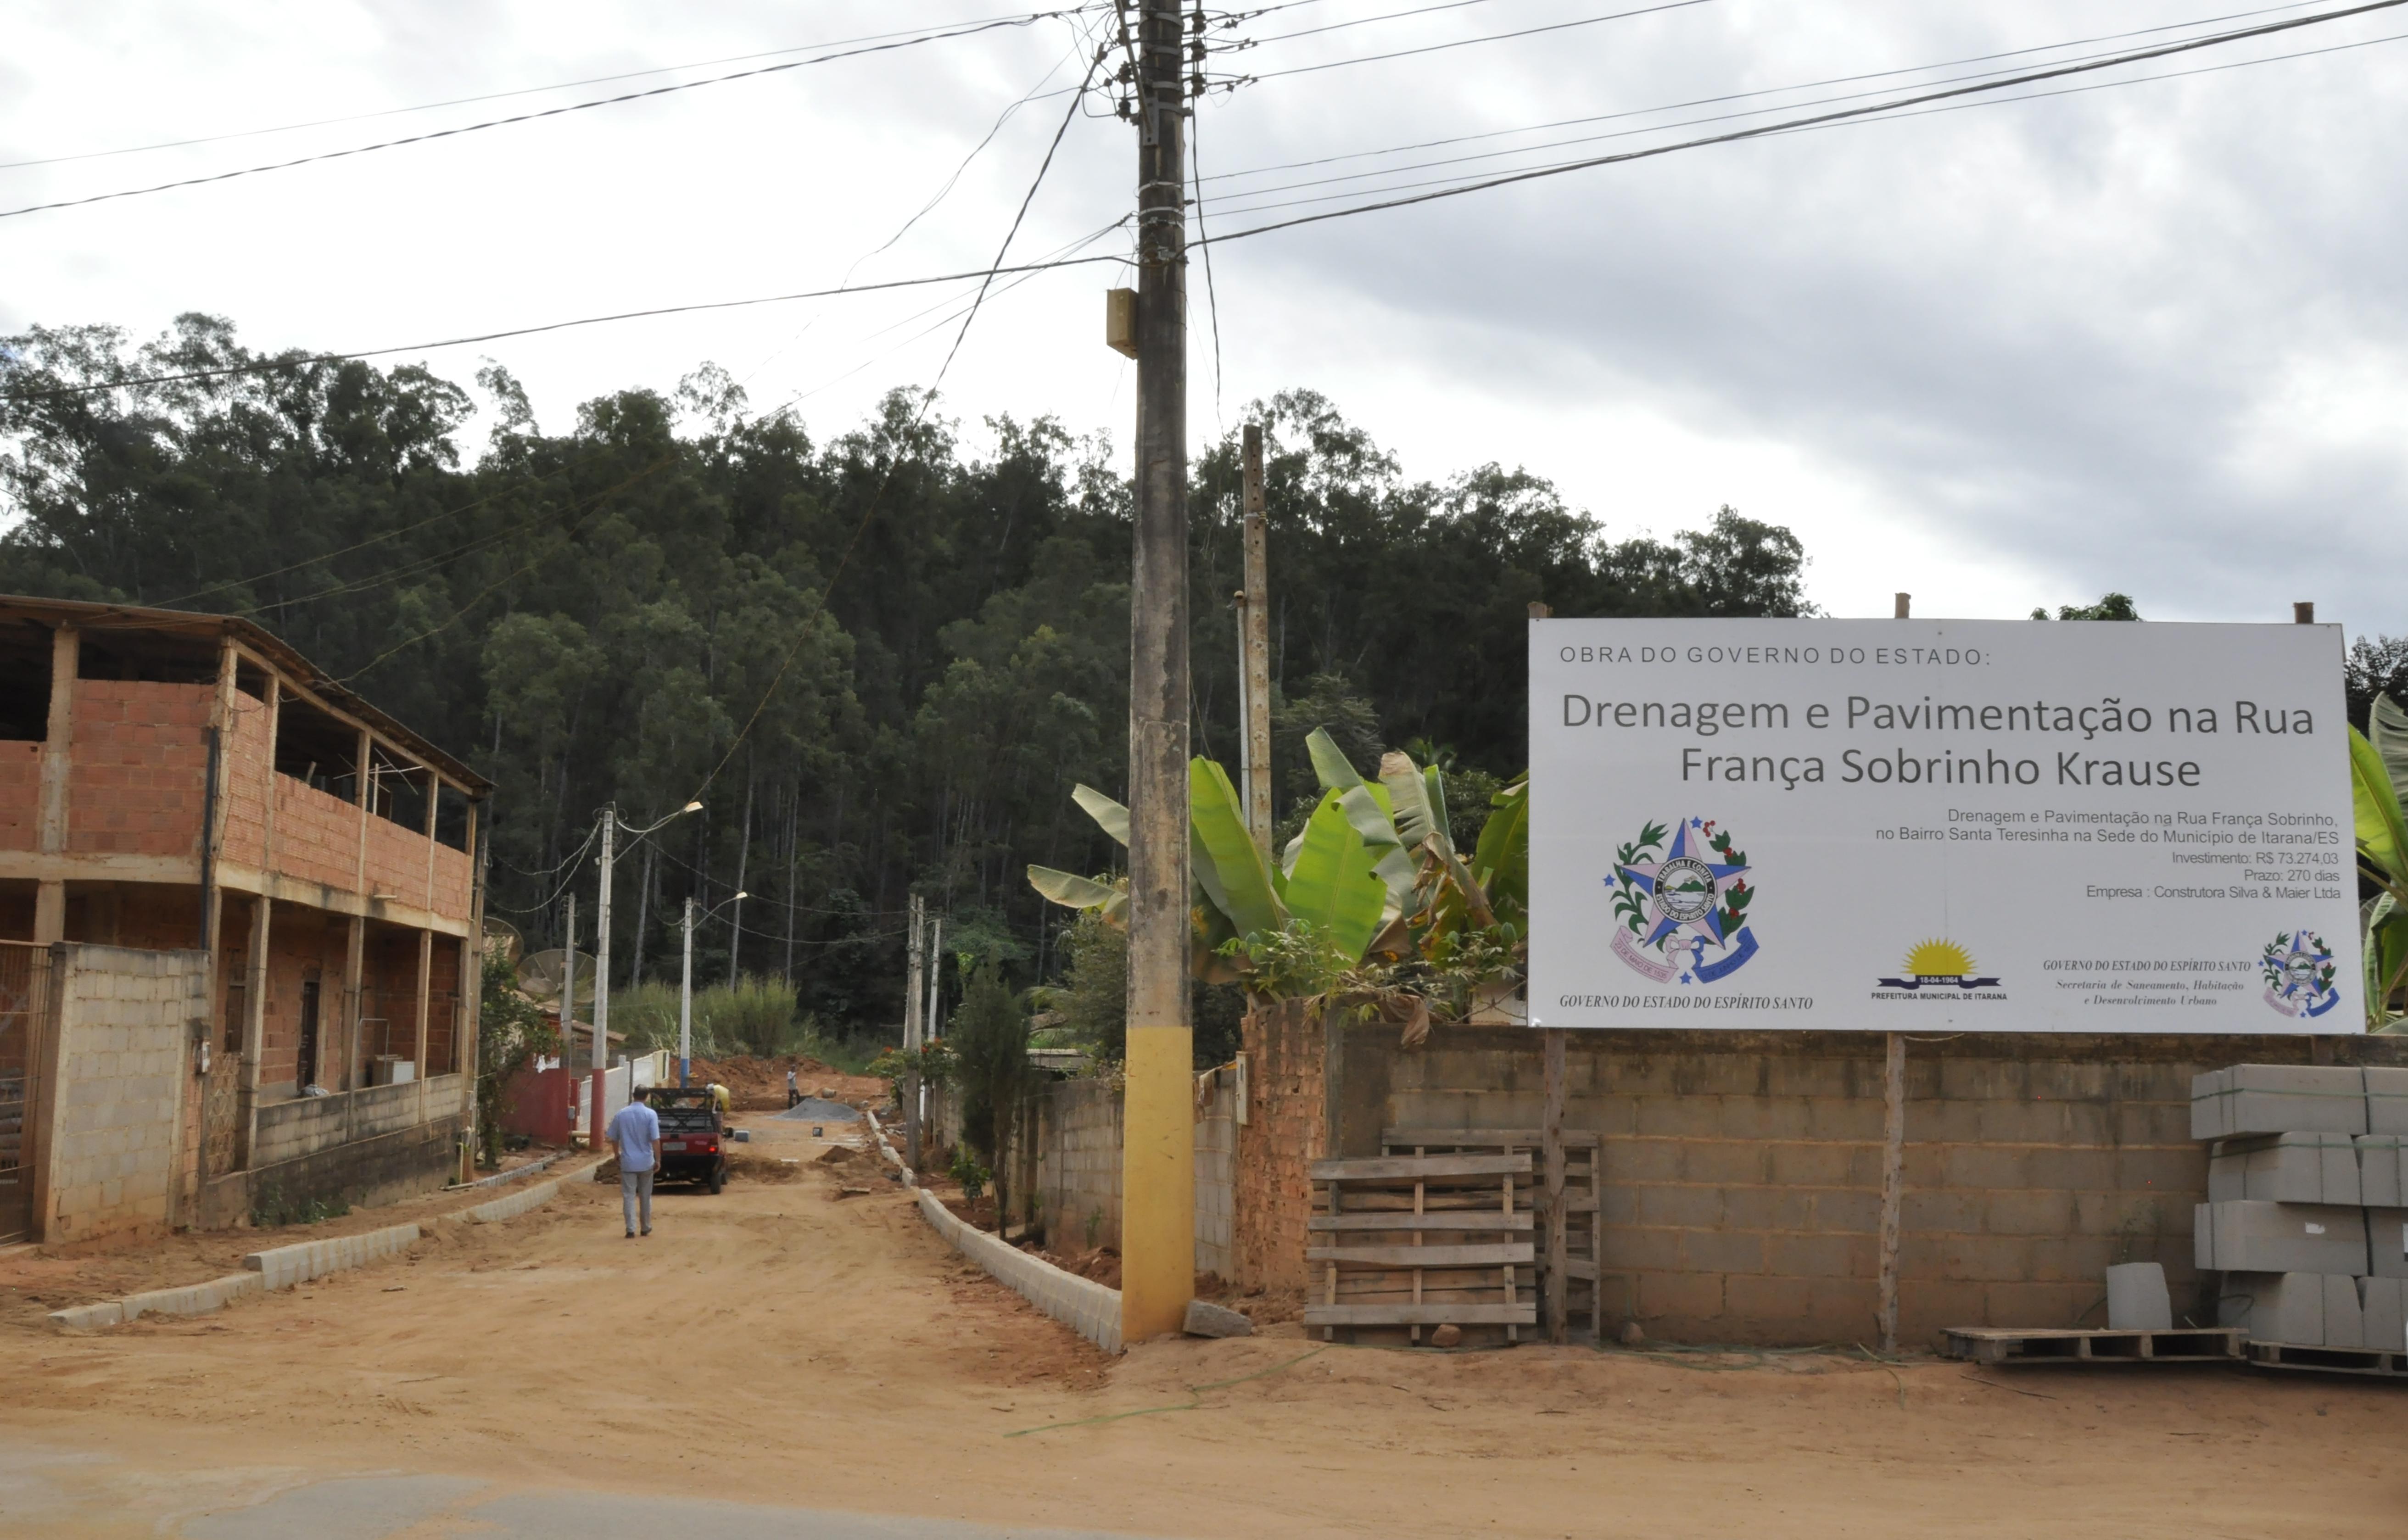 Prefeitura convida para inauguração de obras nesta quinta-feira (10)